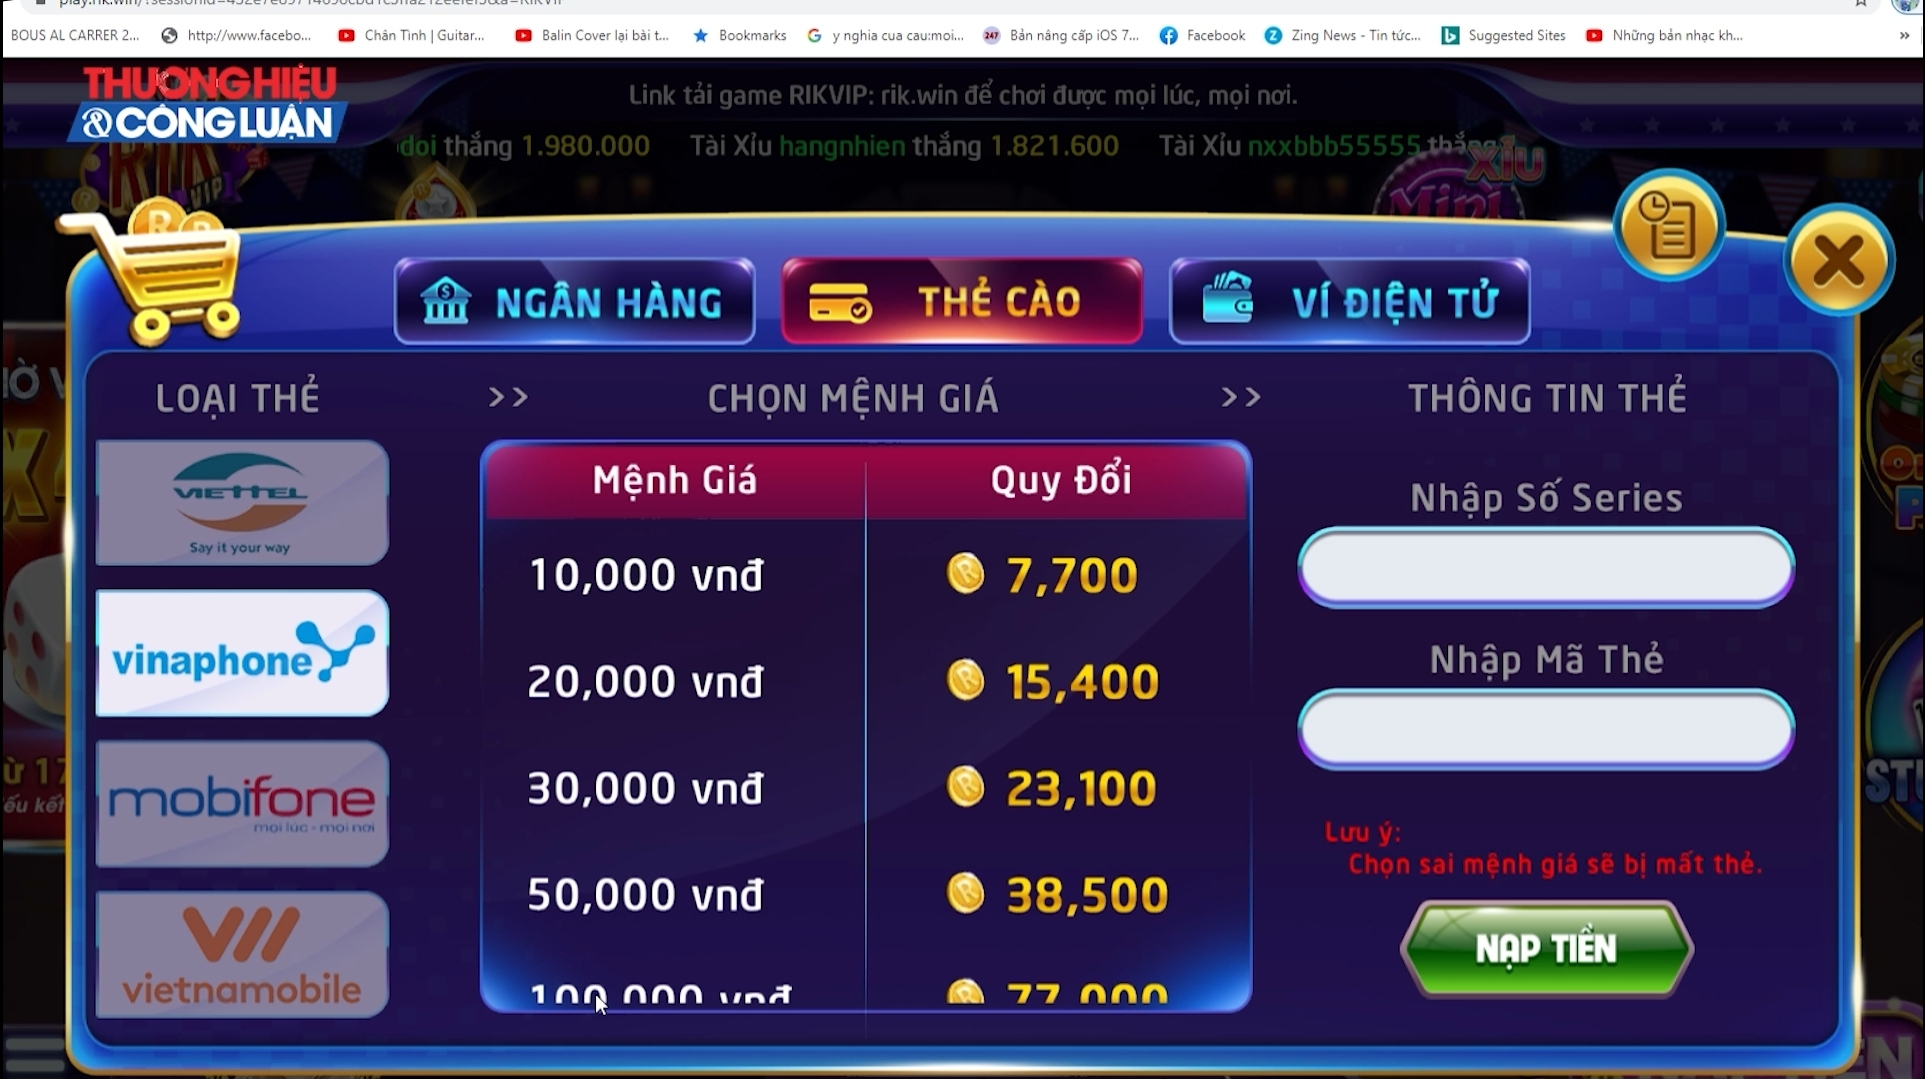 Thẻ điện thoại của các nhà mạng, như Mobiphone, Viettel, Vinaphone cũng có thể được quy đổi sang tiền để đánh bạc